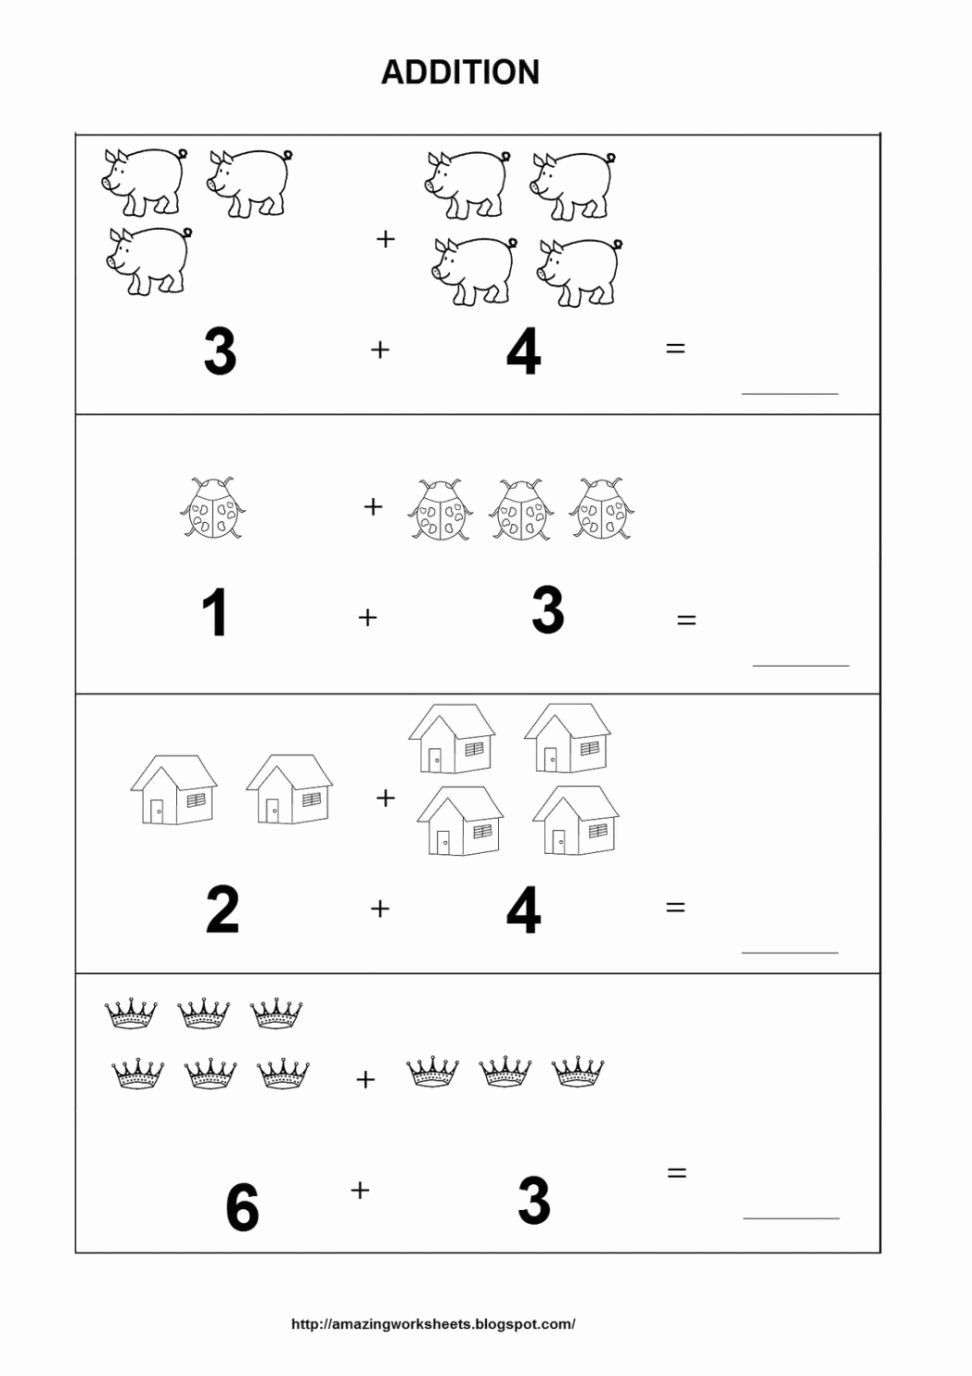 Printable Worksheets for Preschoolers Uk Printable Free Printable Worksheets Uk